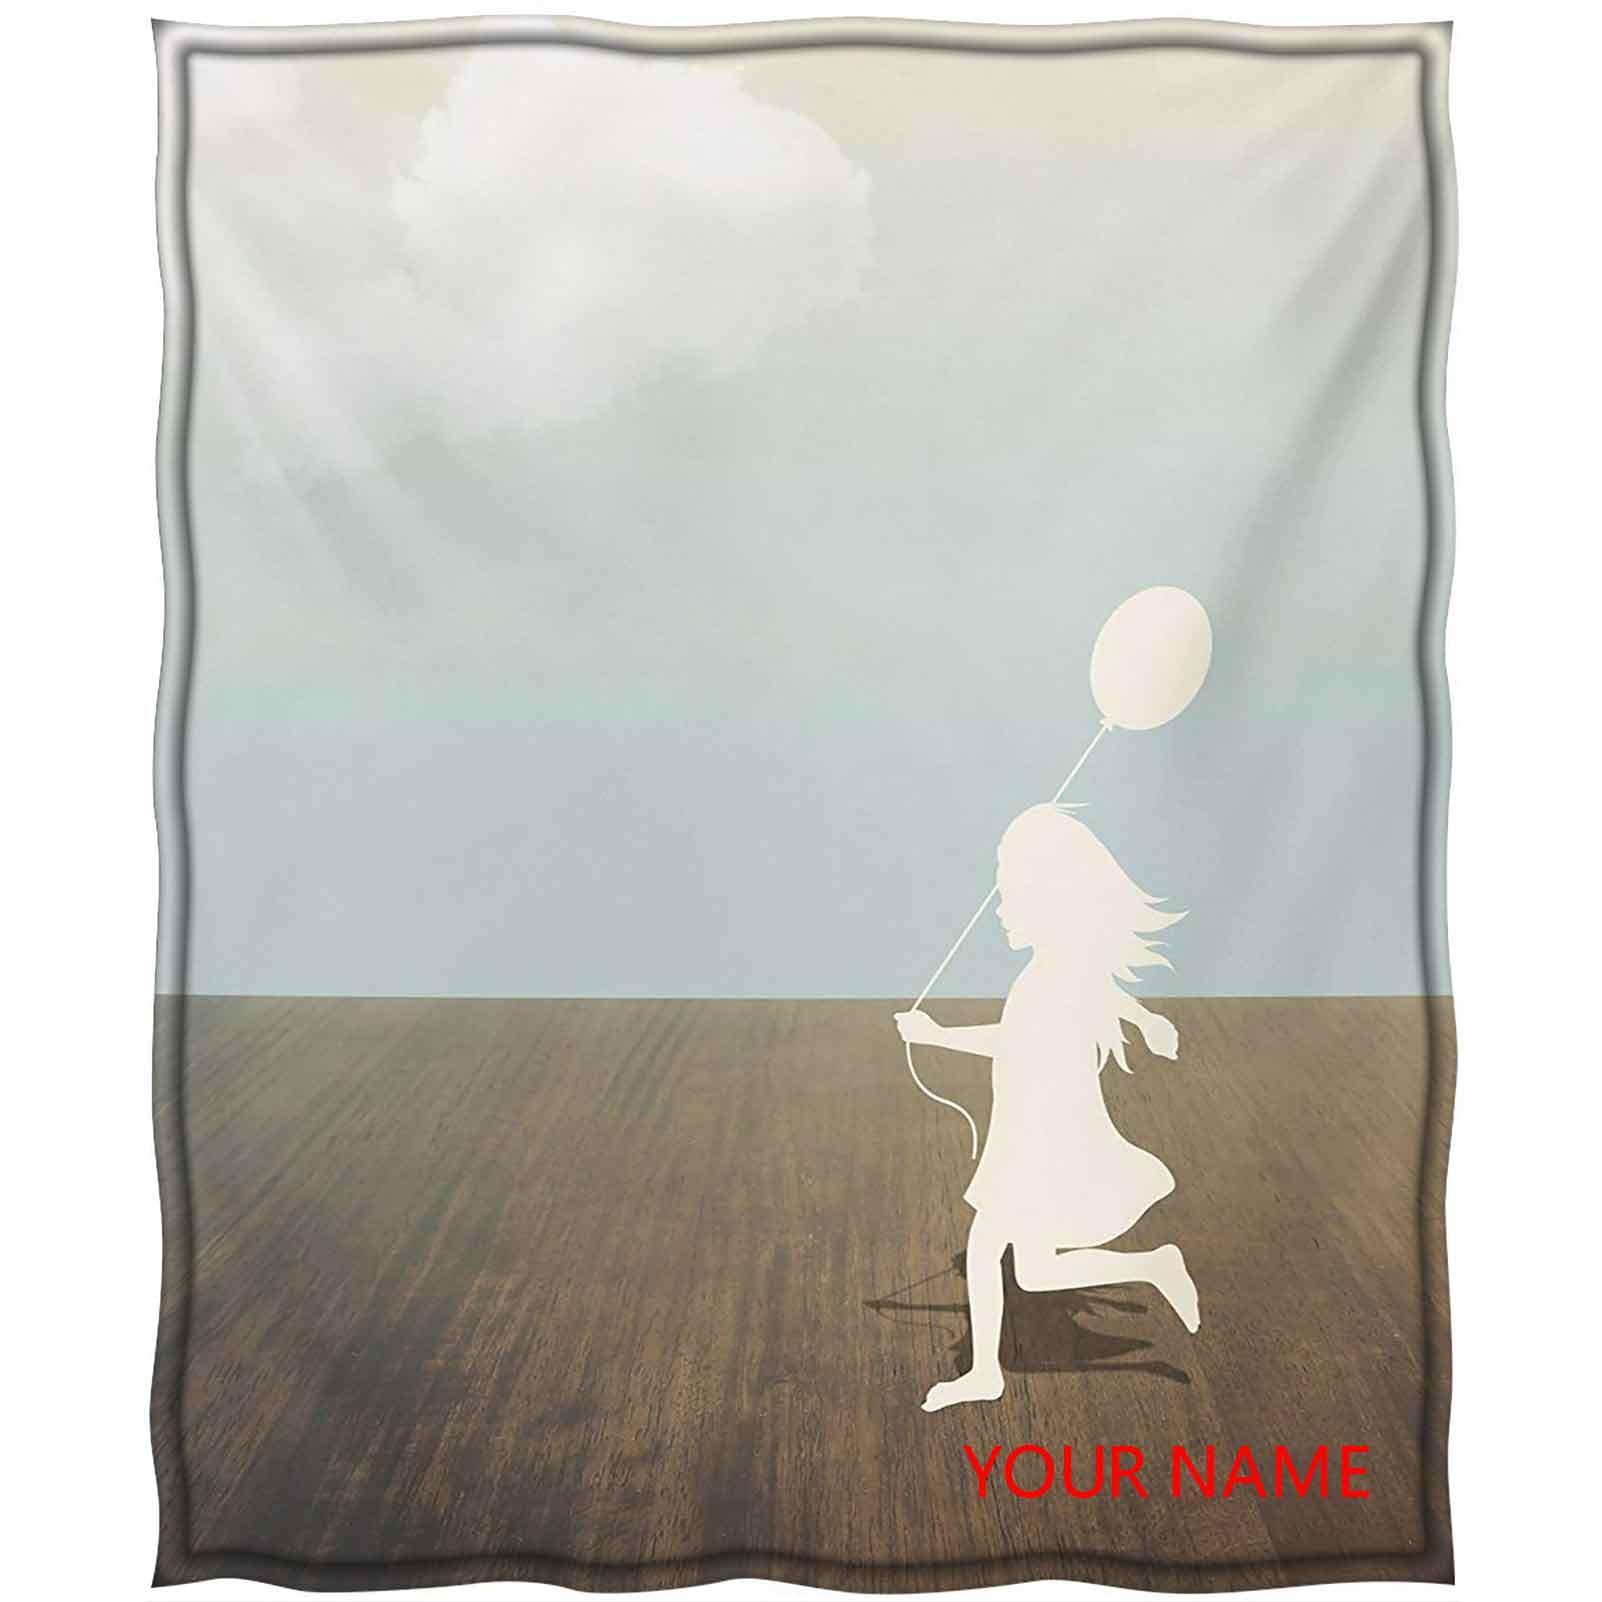 Girls Lightweight Cool Couverture Cool, Silhouette d'une petite fille avec ballon sous le ciel nuageux Soleil Mignon Design Couverture de bricolage, Anniversaire Nous